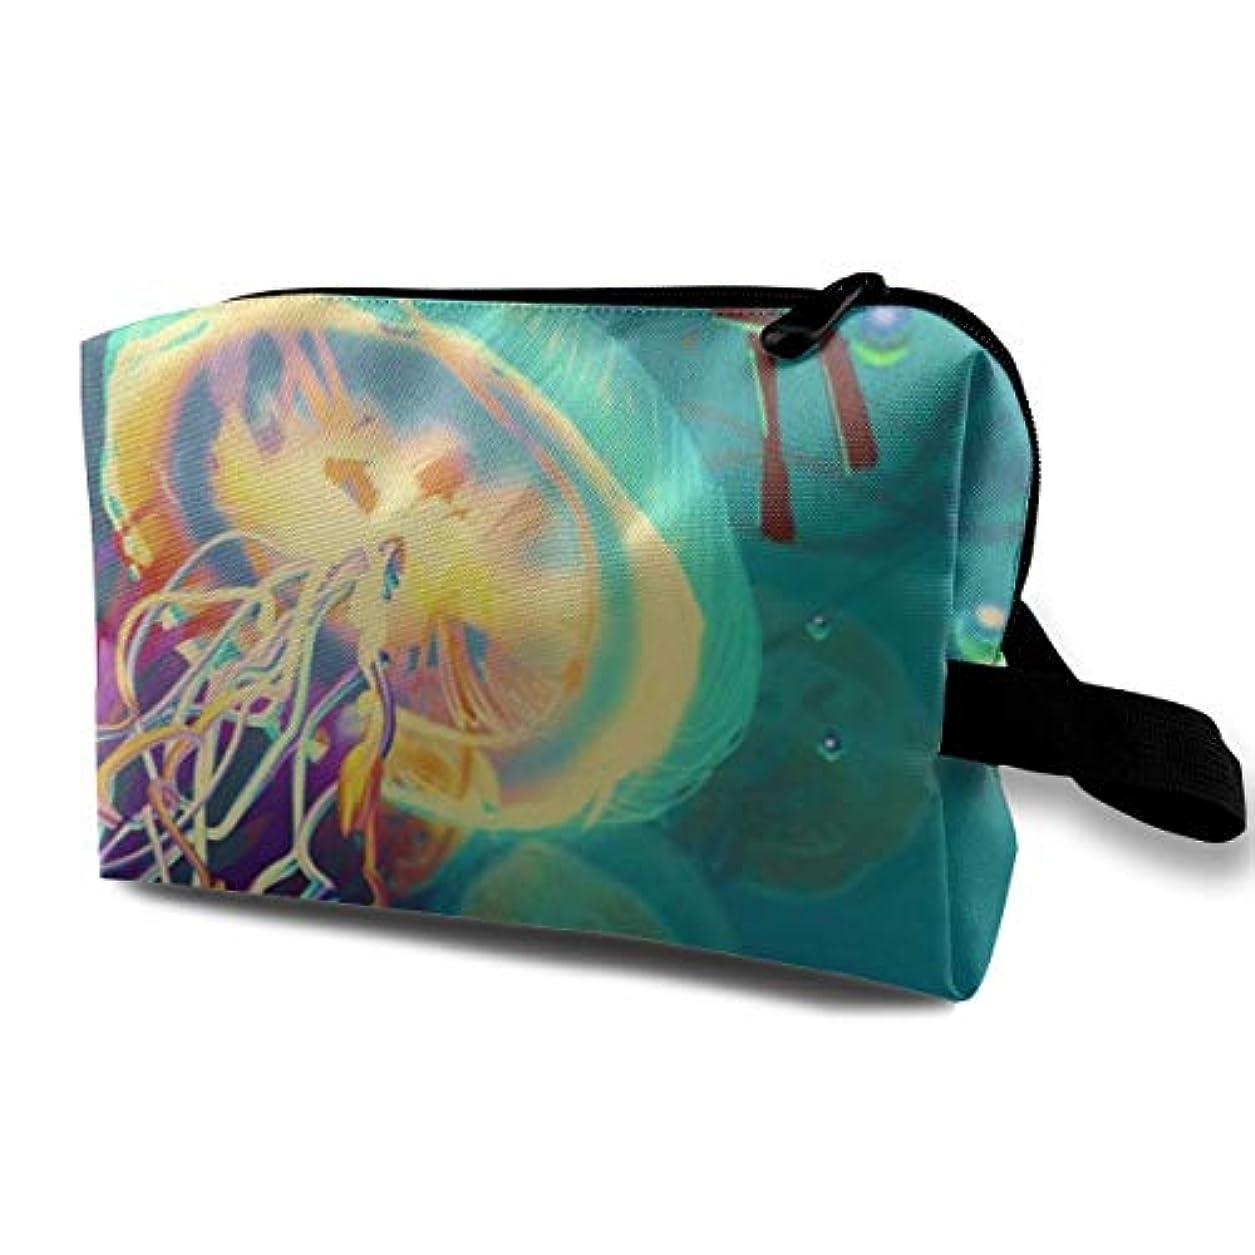 取り出すディスコ著名なColorful Jellyfish 収納ポーチ 化粧ポーチ 大容量 軽量 耐久性 ハンドル付持ち運び便利。入れ 自宅?出張?旅行?アウトドア撮影などに対応。メンズ レディース トラベルグッズ